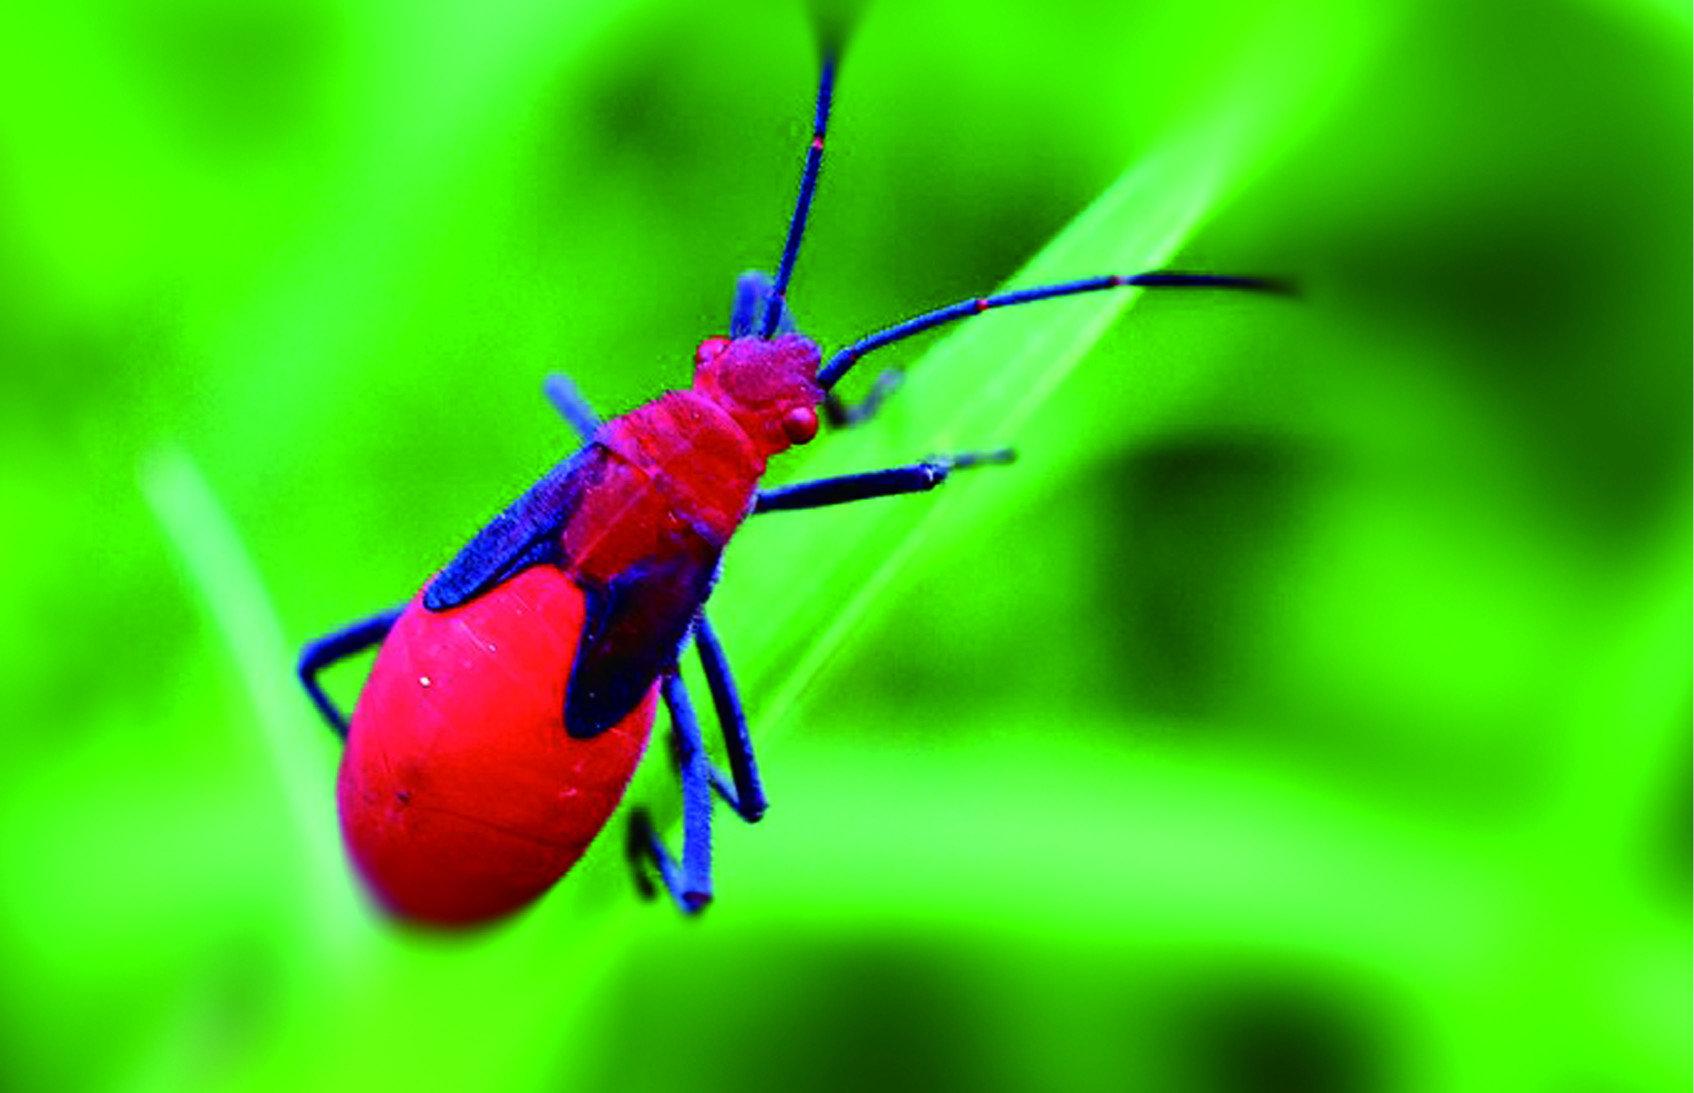 由於荔枝椿象的問題日益嚴重,大部分民眾的警覺性也越來越高,但卻造成了原生種「紅姬緣椿象」被誤殺的情形。紅姬緣椿象是外觀呈紅色的鮮豔蟲子,屁股比頭部略大一些,身軀整體呈現狹長型,有著黑色的觸角與四肢,仔細看與荔枝椿象其實很好分辨。